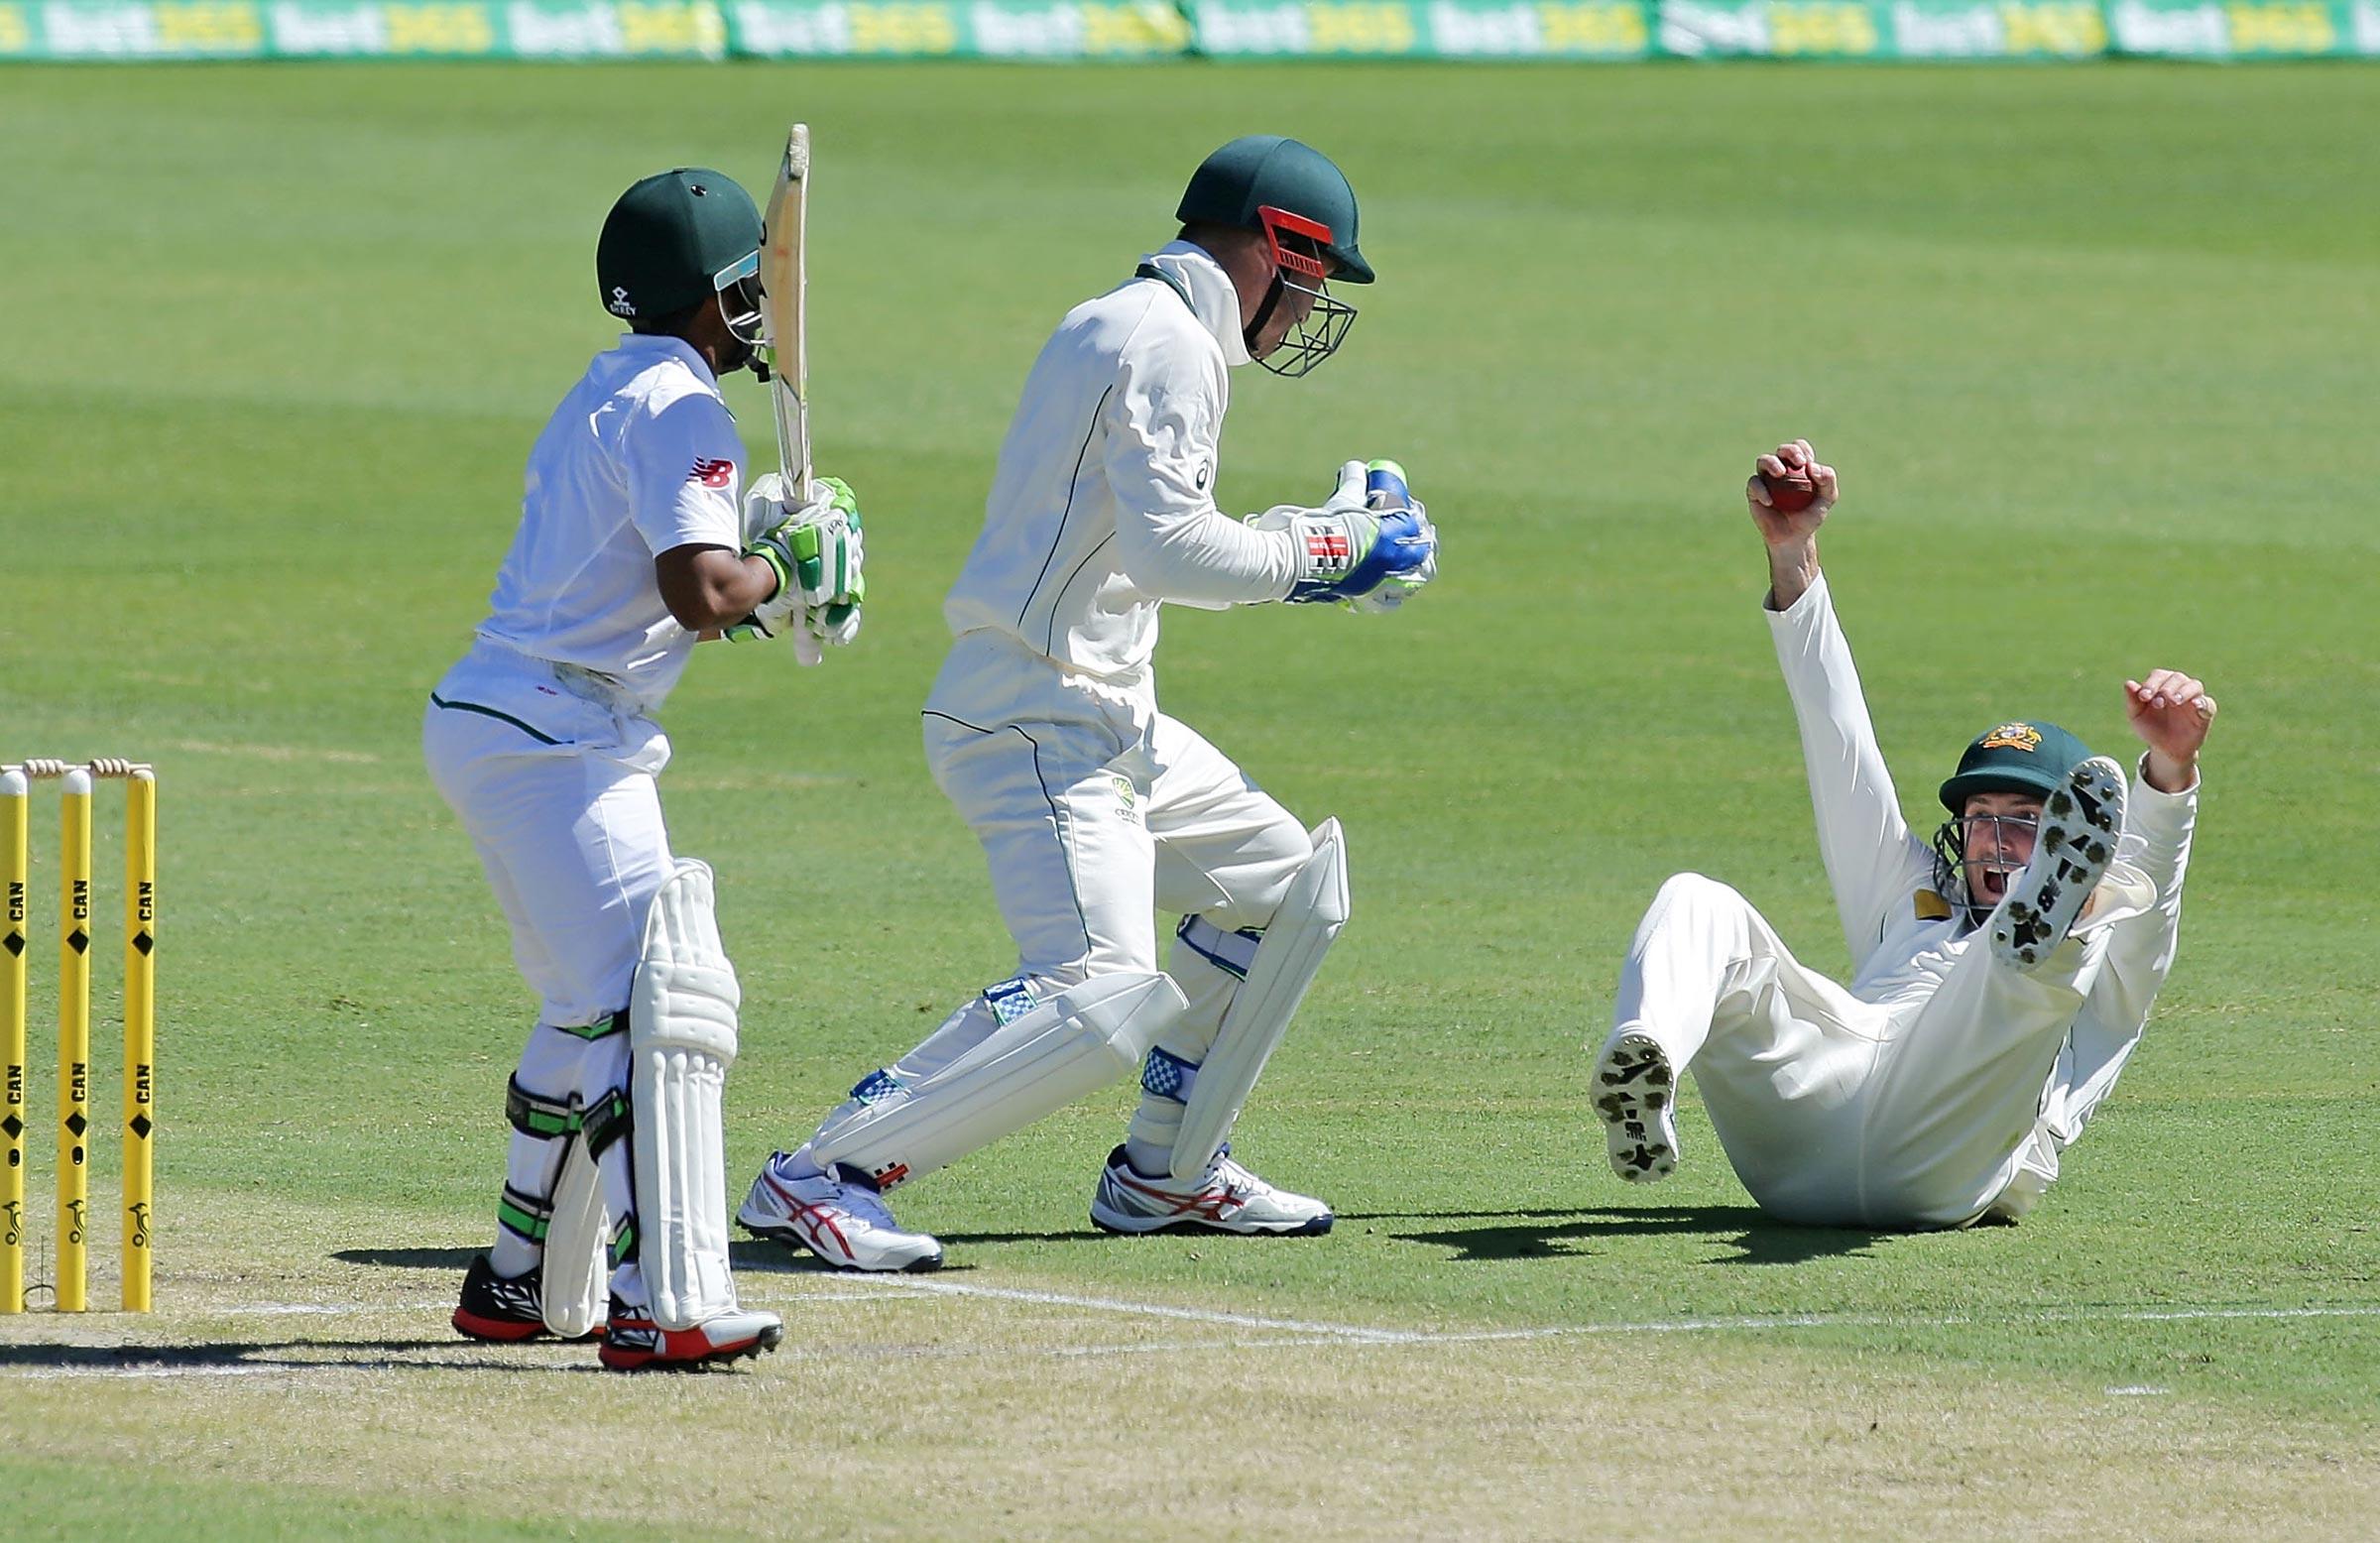 cricket - photo #17